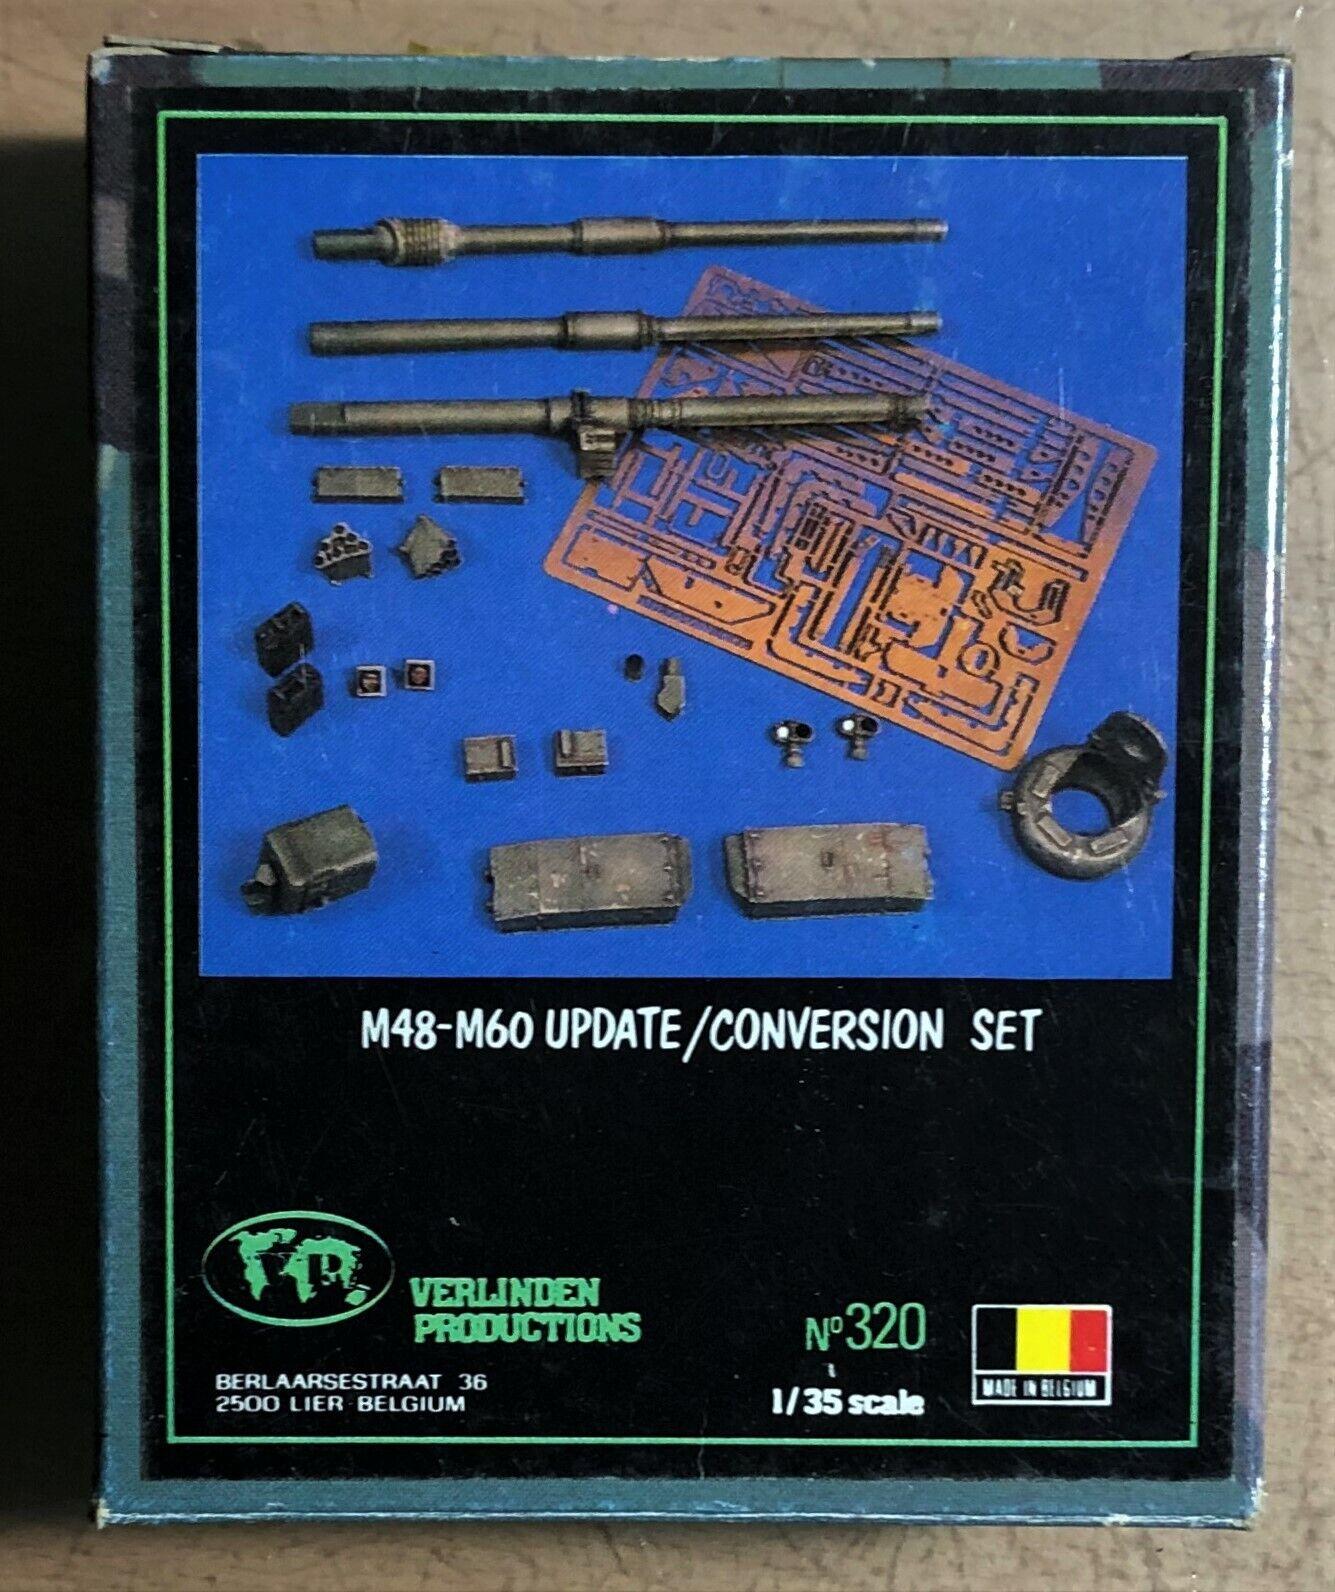 VERLINDEN PRODUCTIONS 320 - M48-M60 UPDATE     CONVERSION SET - 1 35 RESIN 2ac6d9